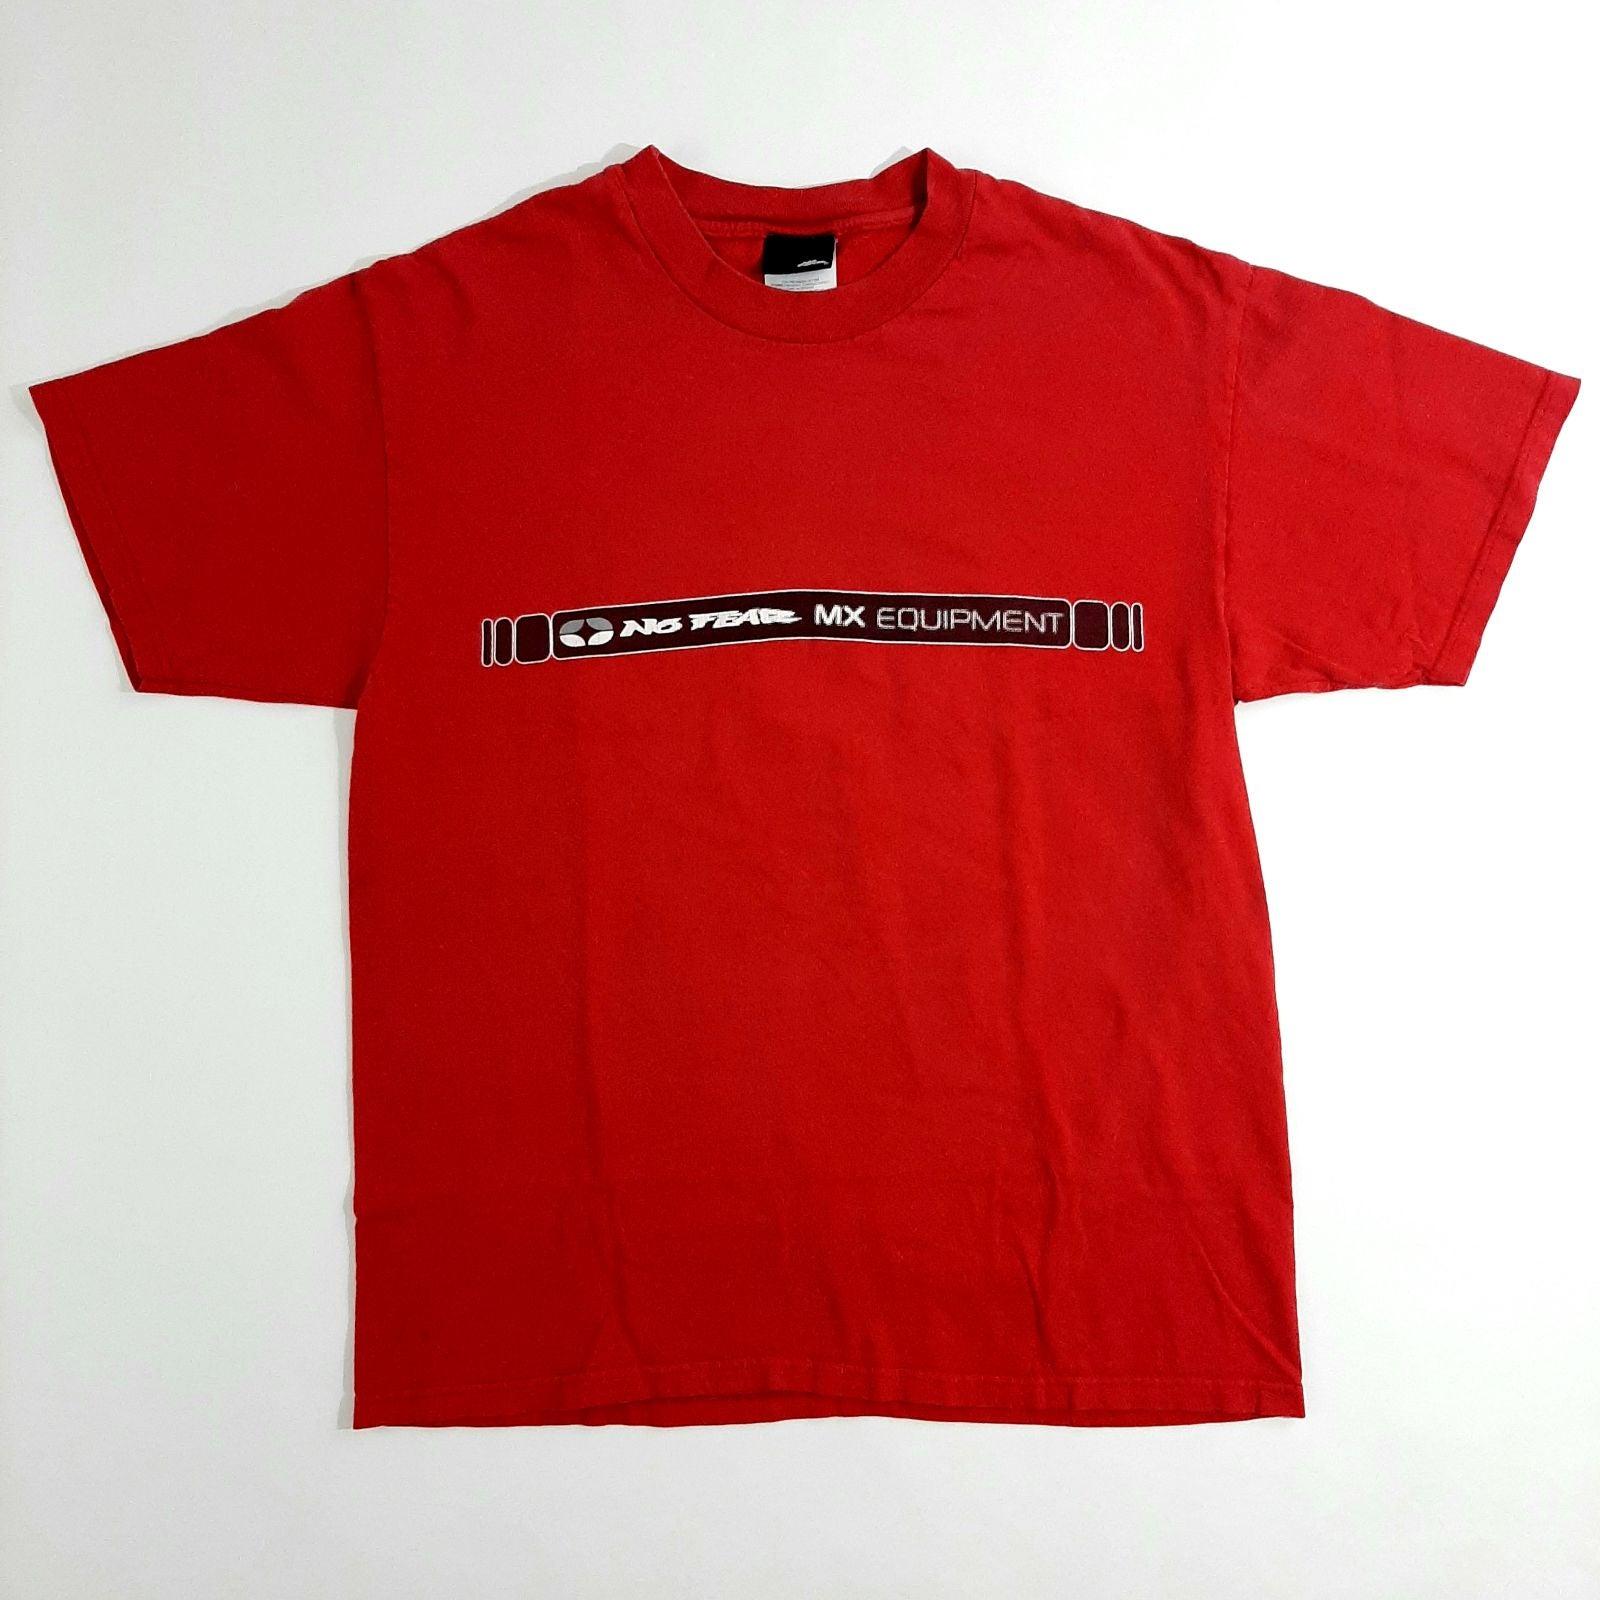 VTG No Fear MX Equipment Men's T-Shirt